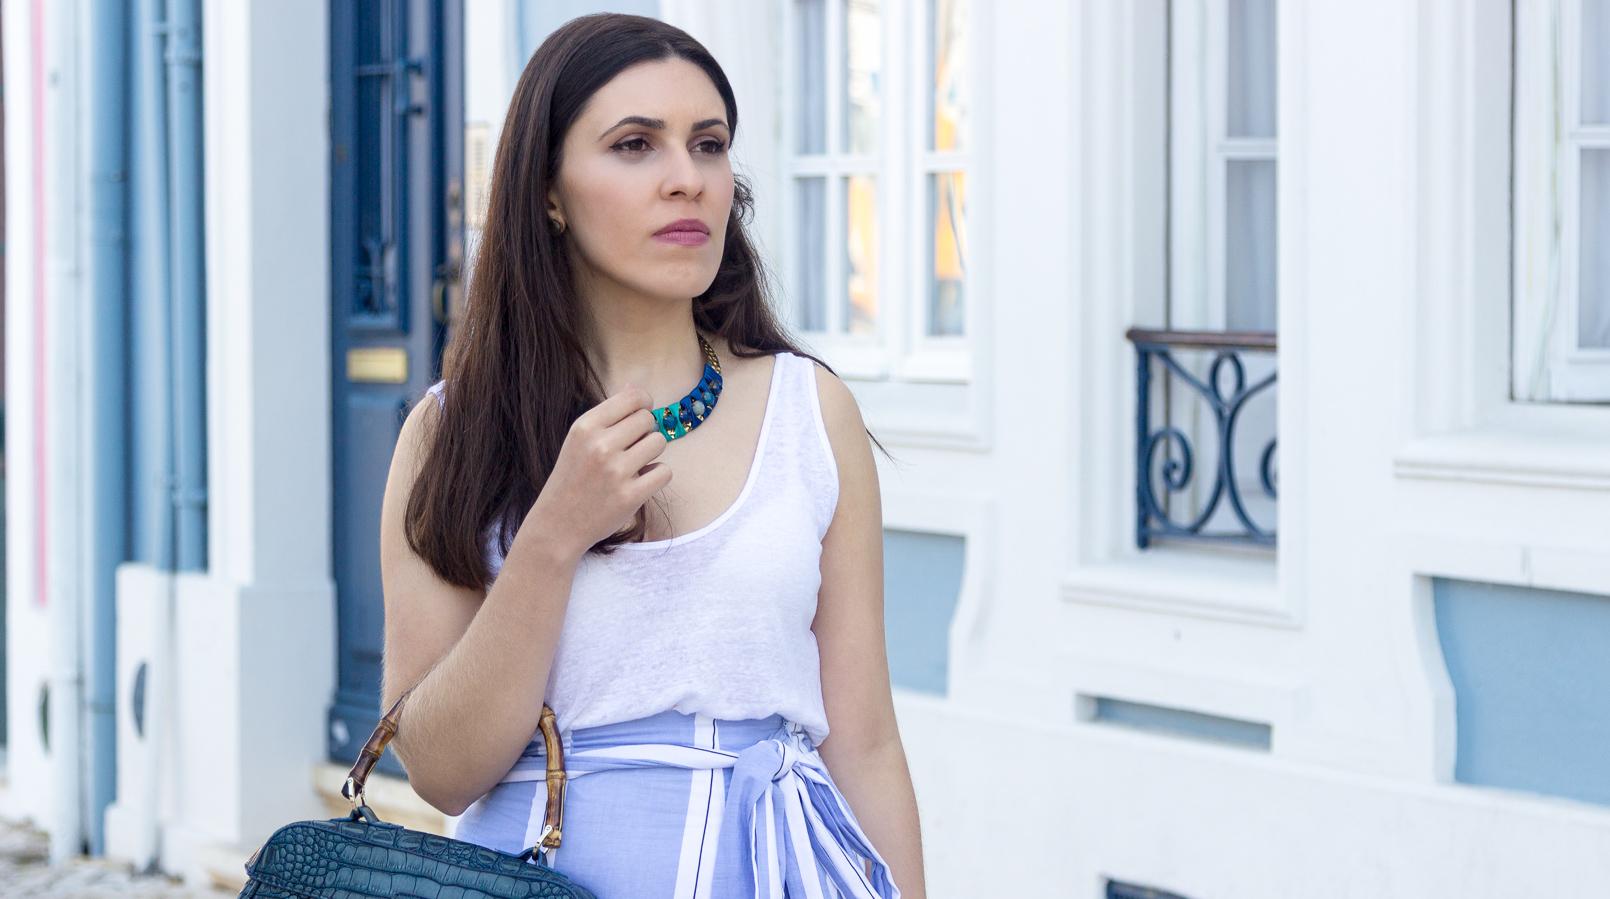 Le Fashionaire A saia de verão que dá para usar no outono tank top branco zara colar azul dourado turquesa pedrarias parfois 6833F PT